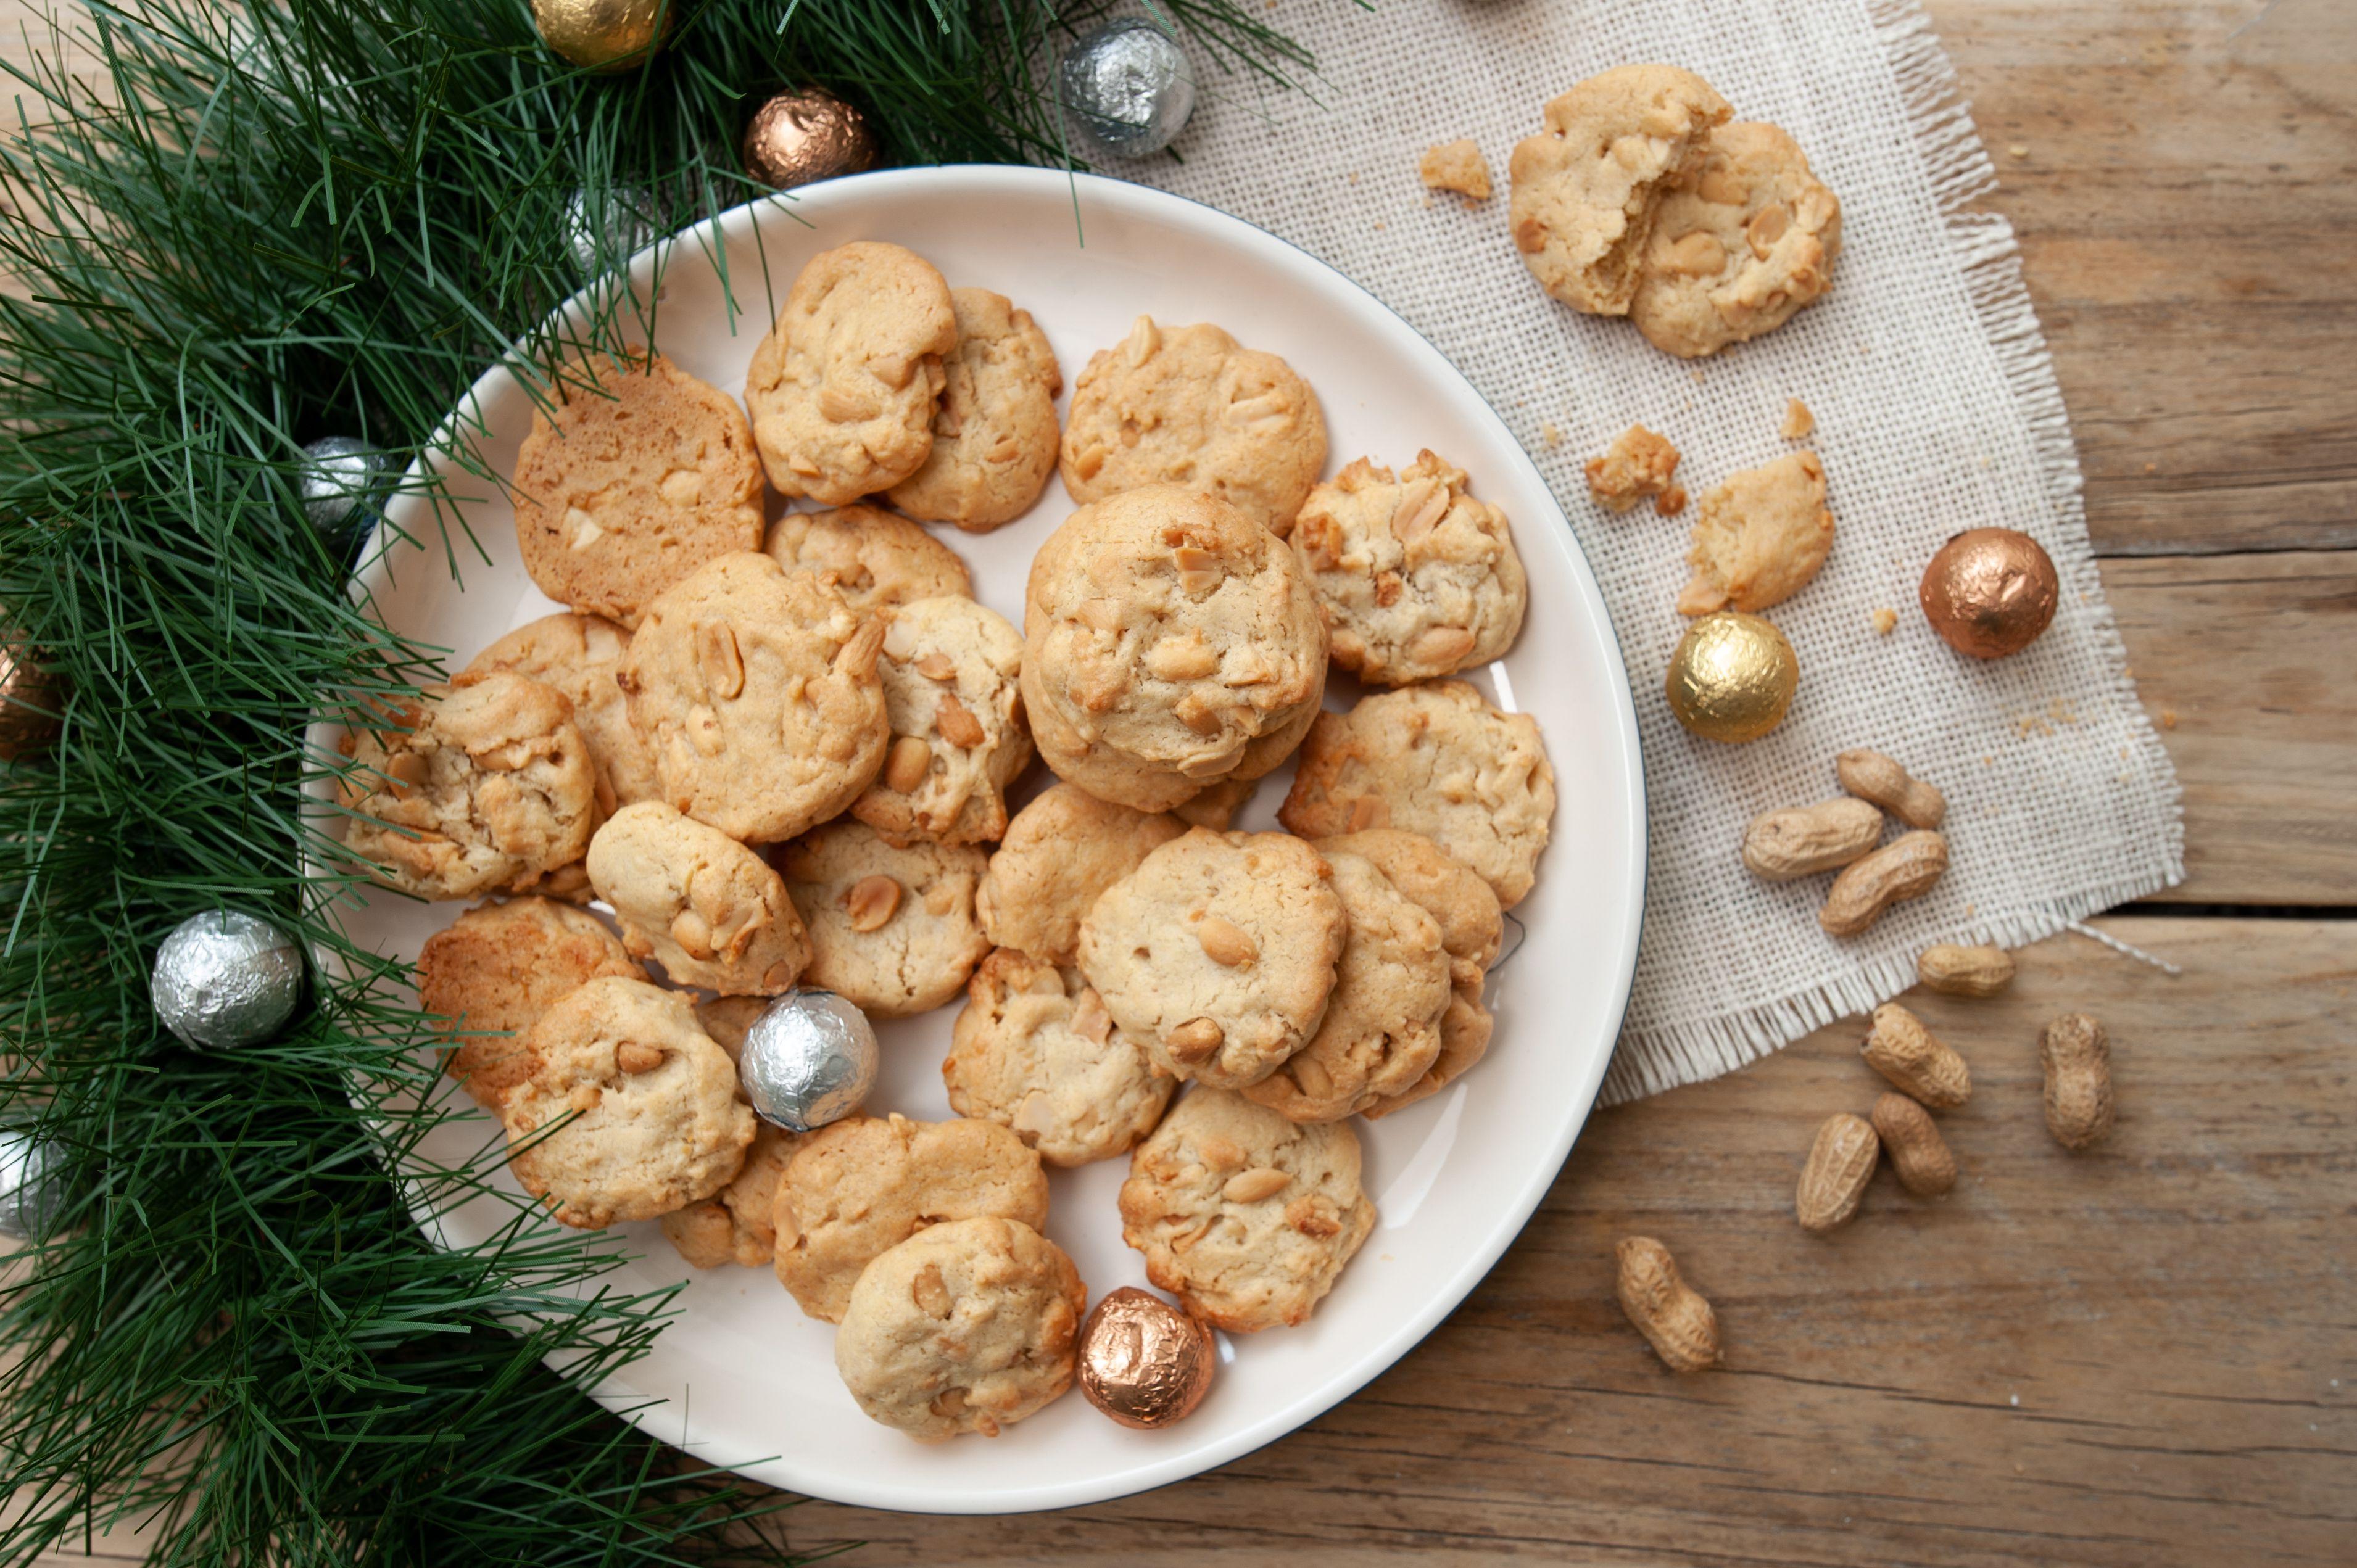 Peanut cookies